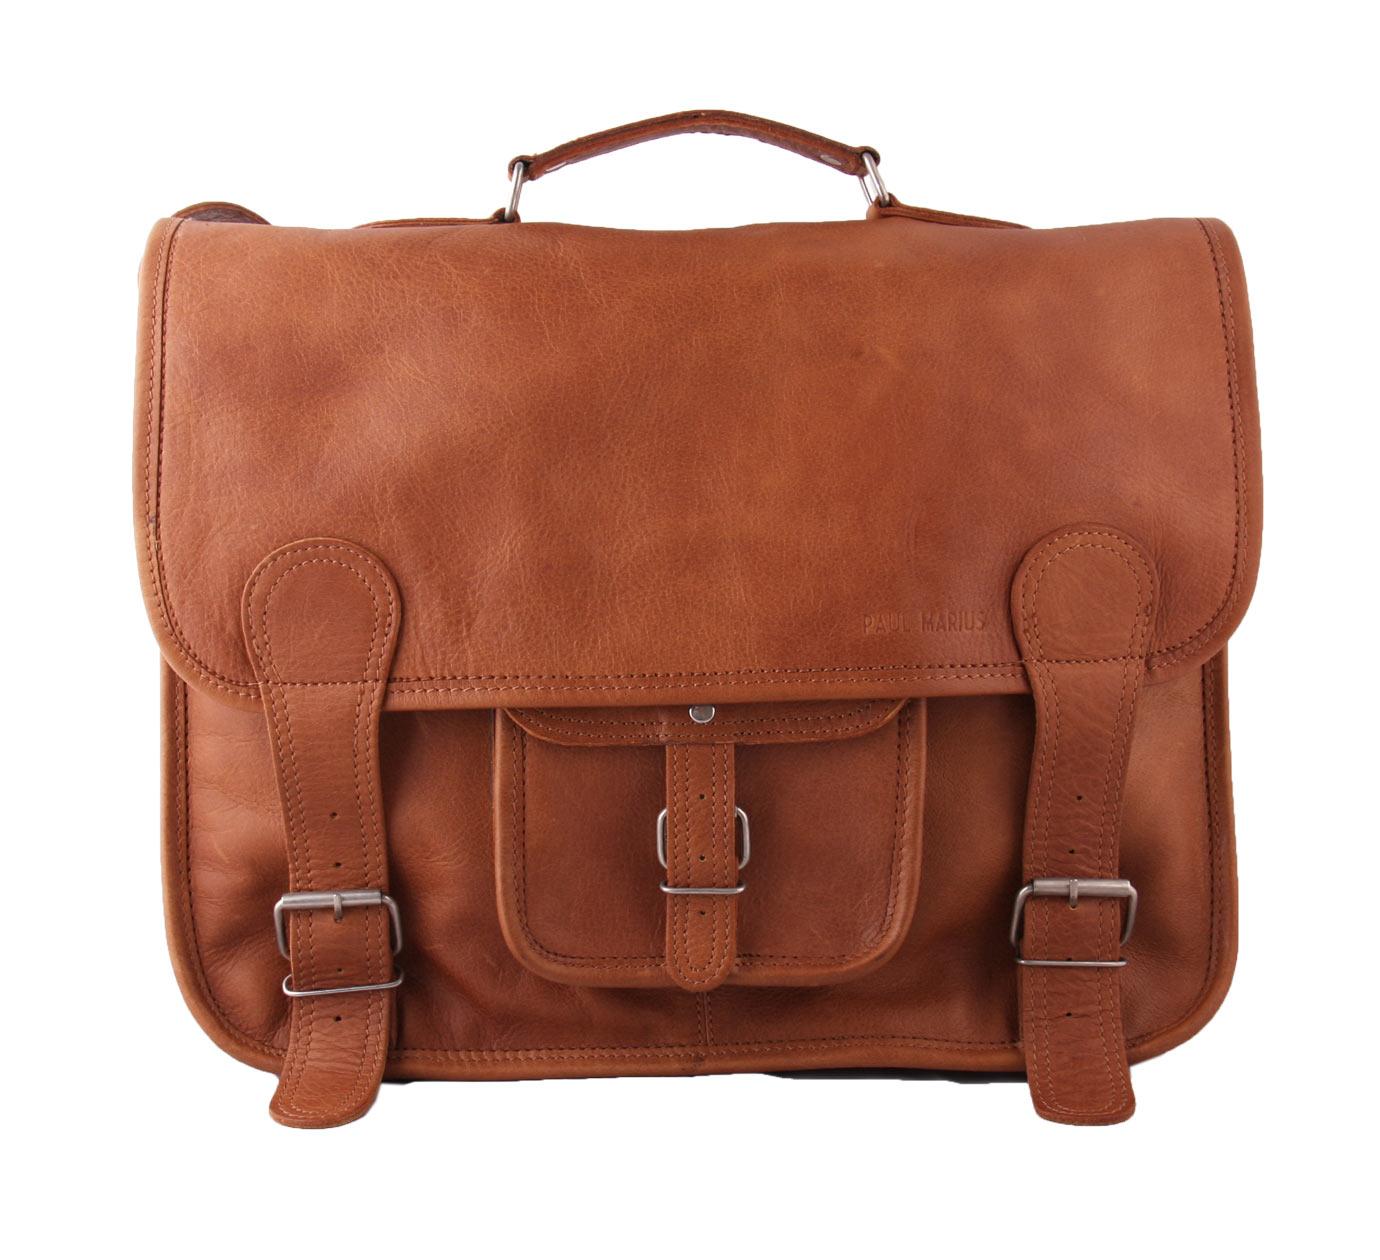 site réputé cbabb 49c57 Le cartable - Bags & Wallets Paul marius